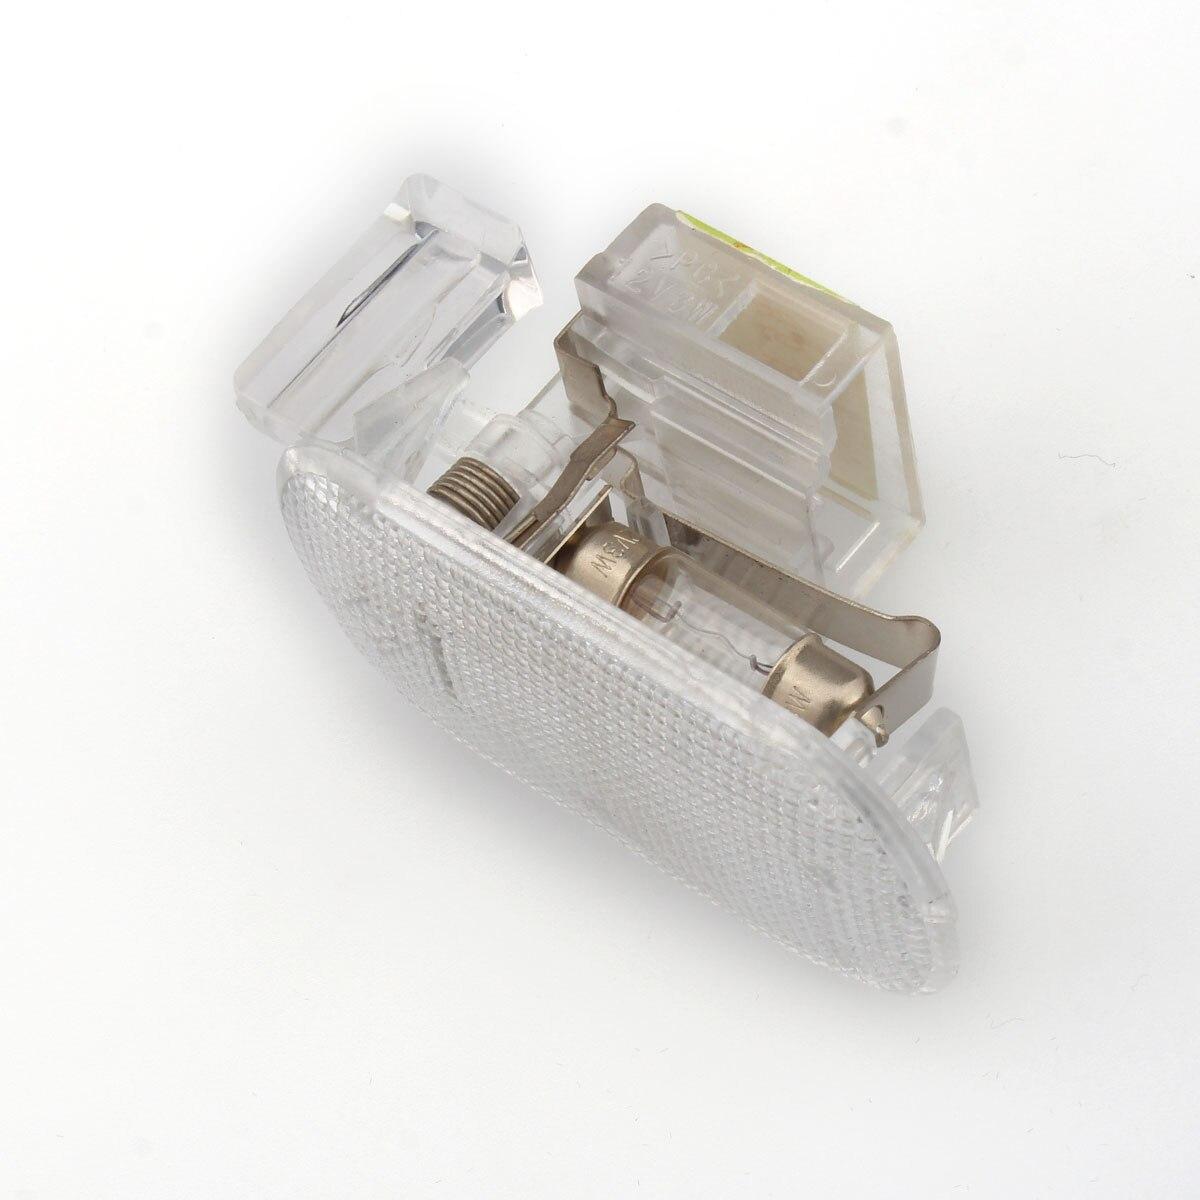 OEM Glove Box Storage Compartment Light Lamp for VW Golf Jetta MK4 Bora 1J0 947 301/1J0947301 jeazea itd 947 105 1td947105 gray interior dome reading light lamp for vw golf jetta mk4 bora passat b5